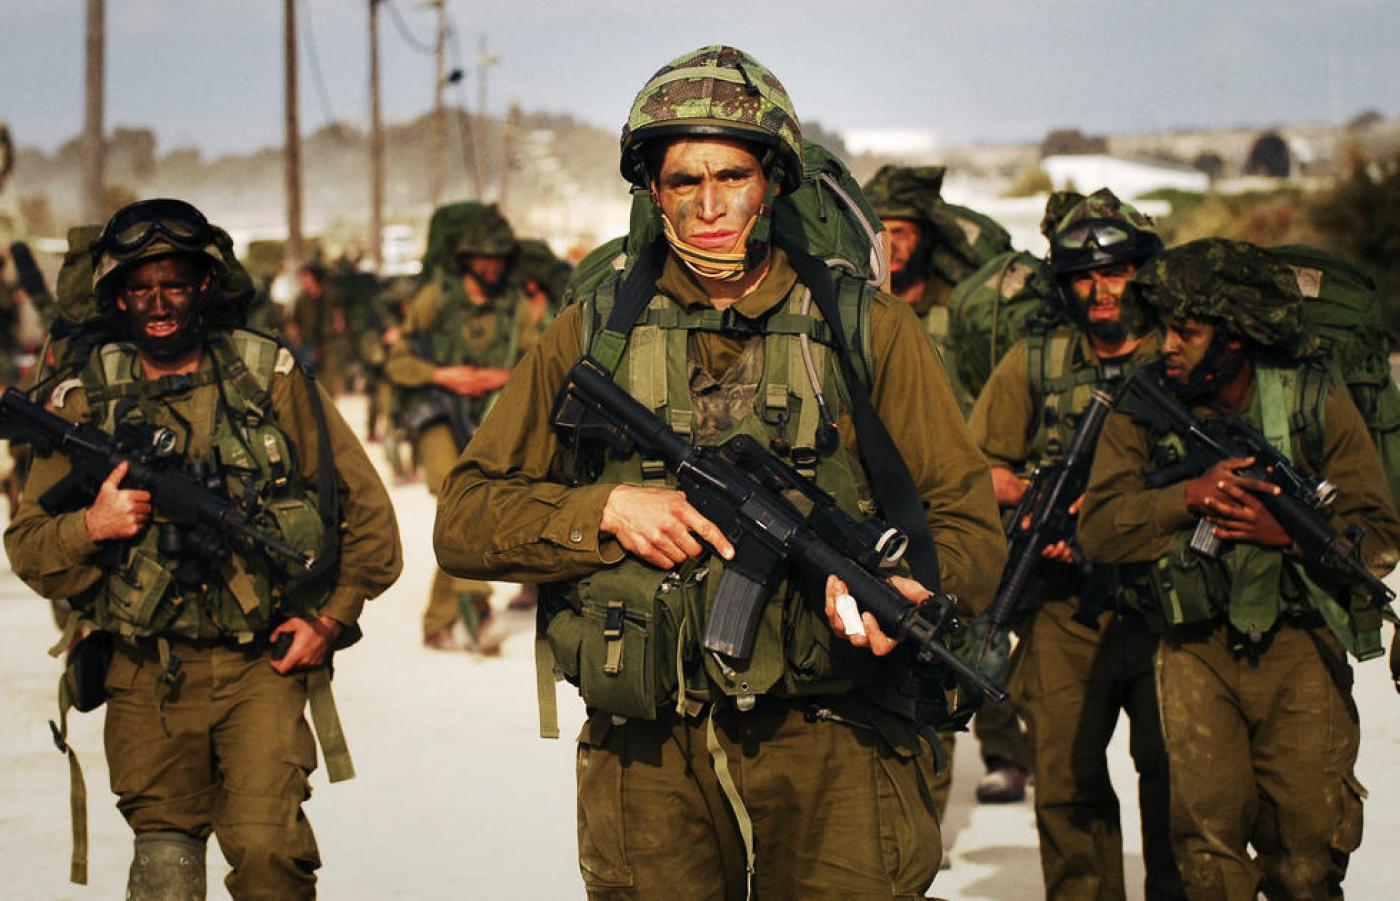 صورة الجزائر: نتعـرض لحـرب إسرائيلية- مغربية مشتركة